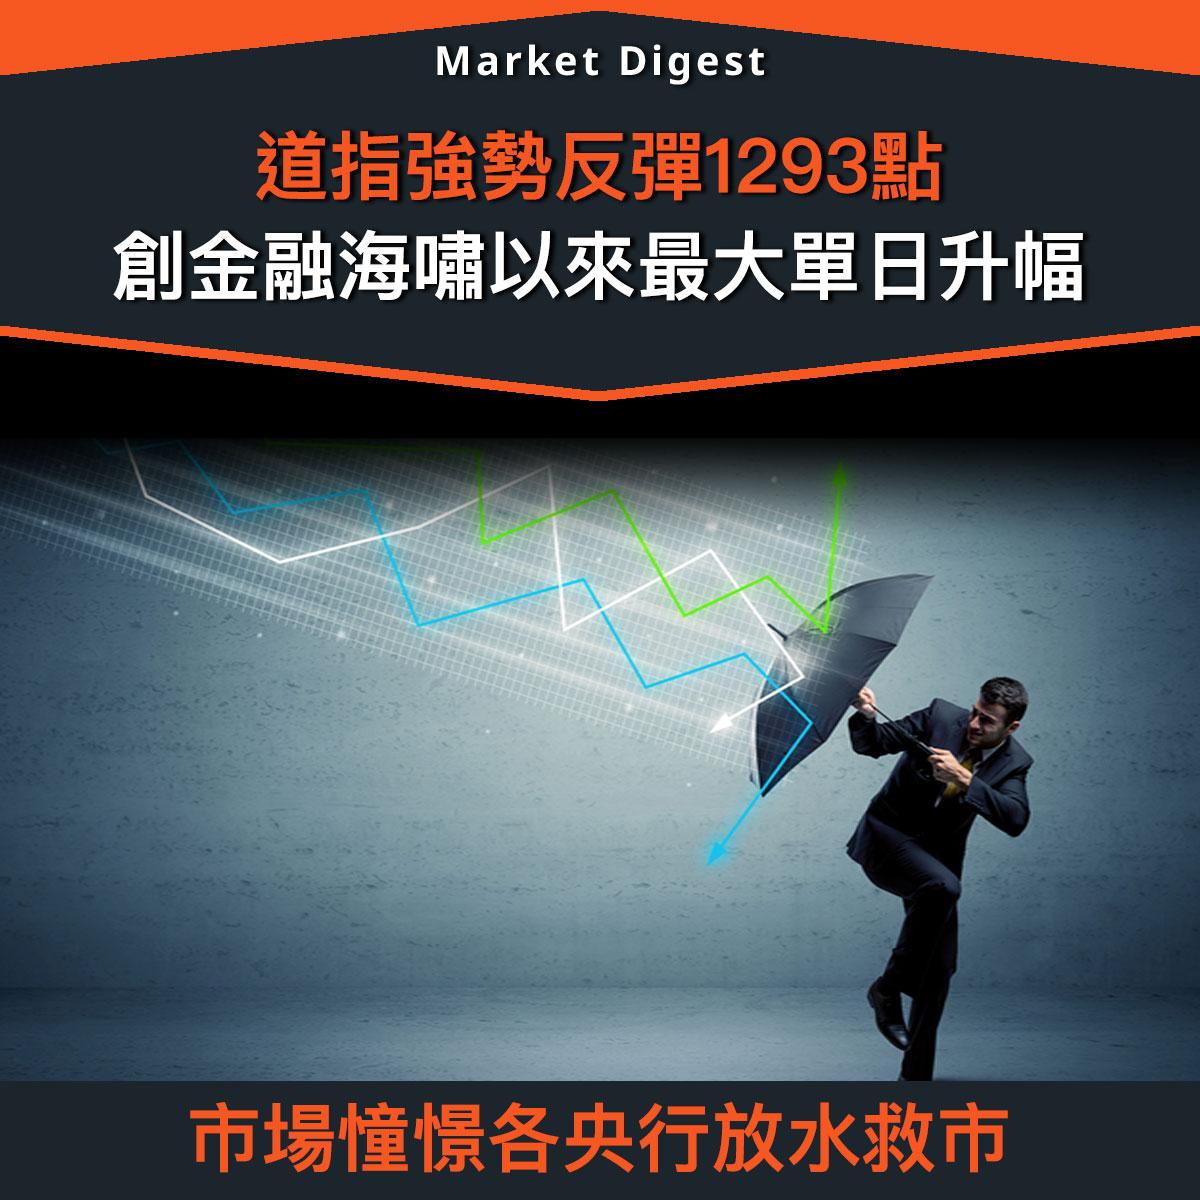 【市場熱話】道指強勢反彈1293點,創金融海嘯以來最大單日升幅